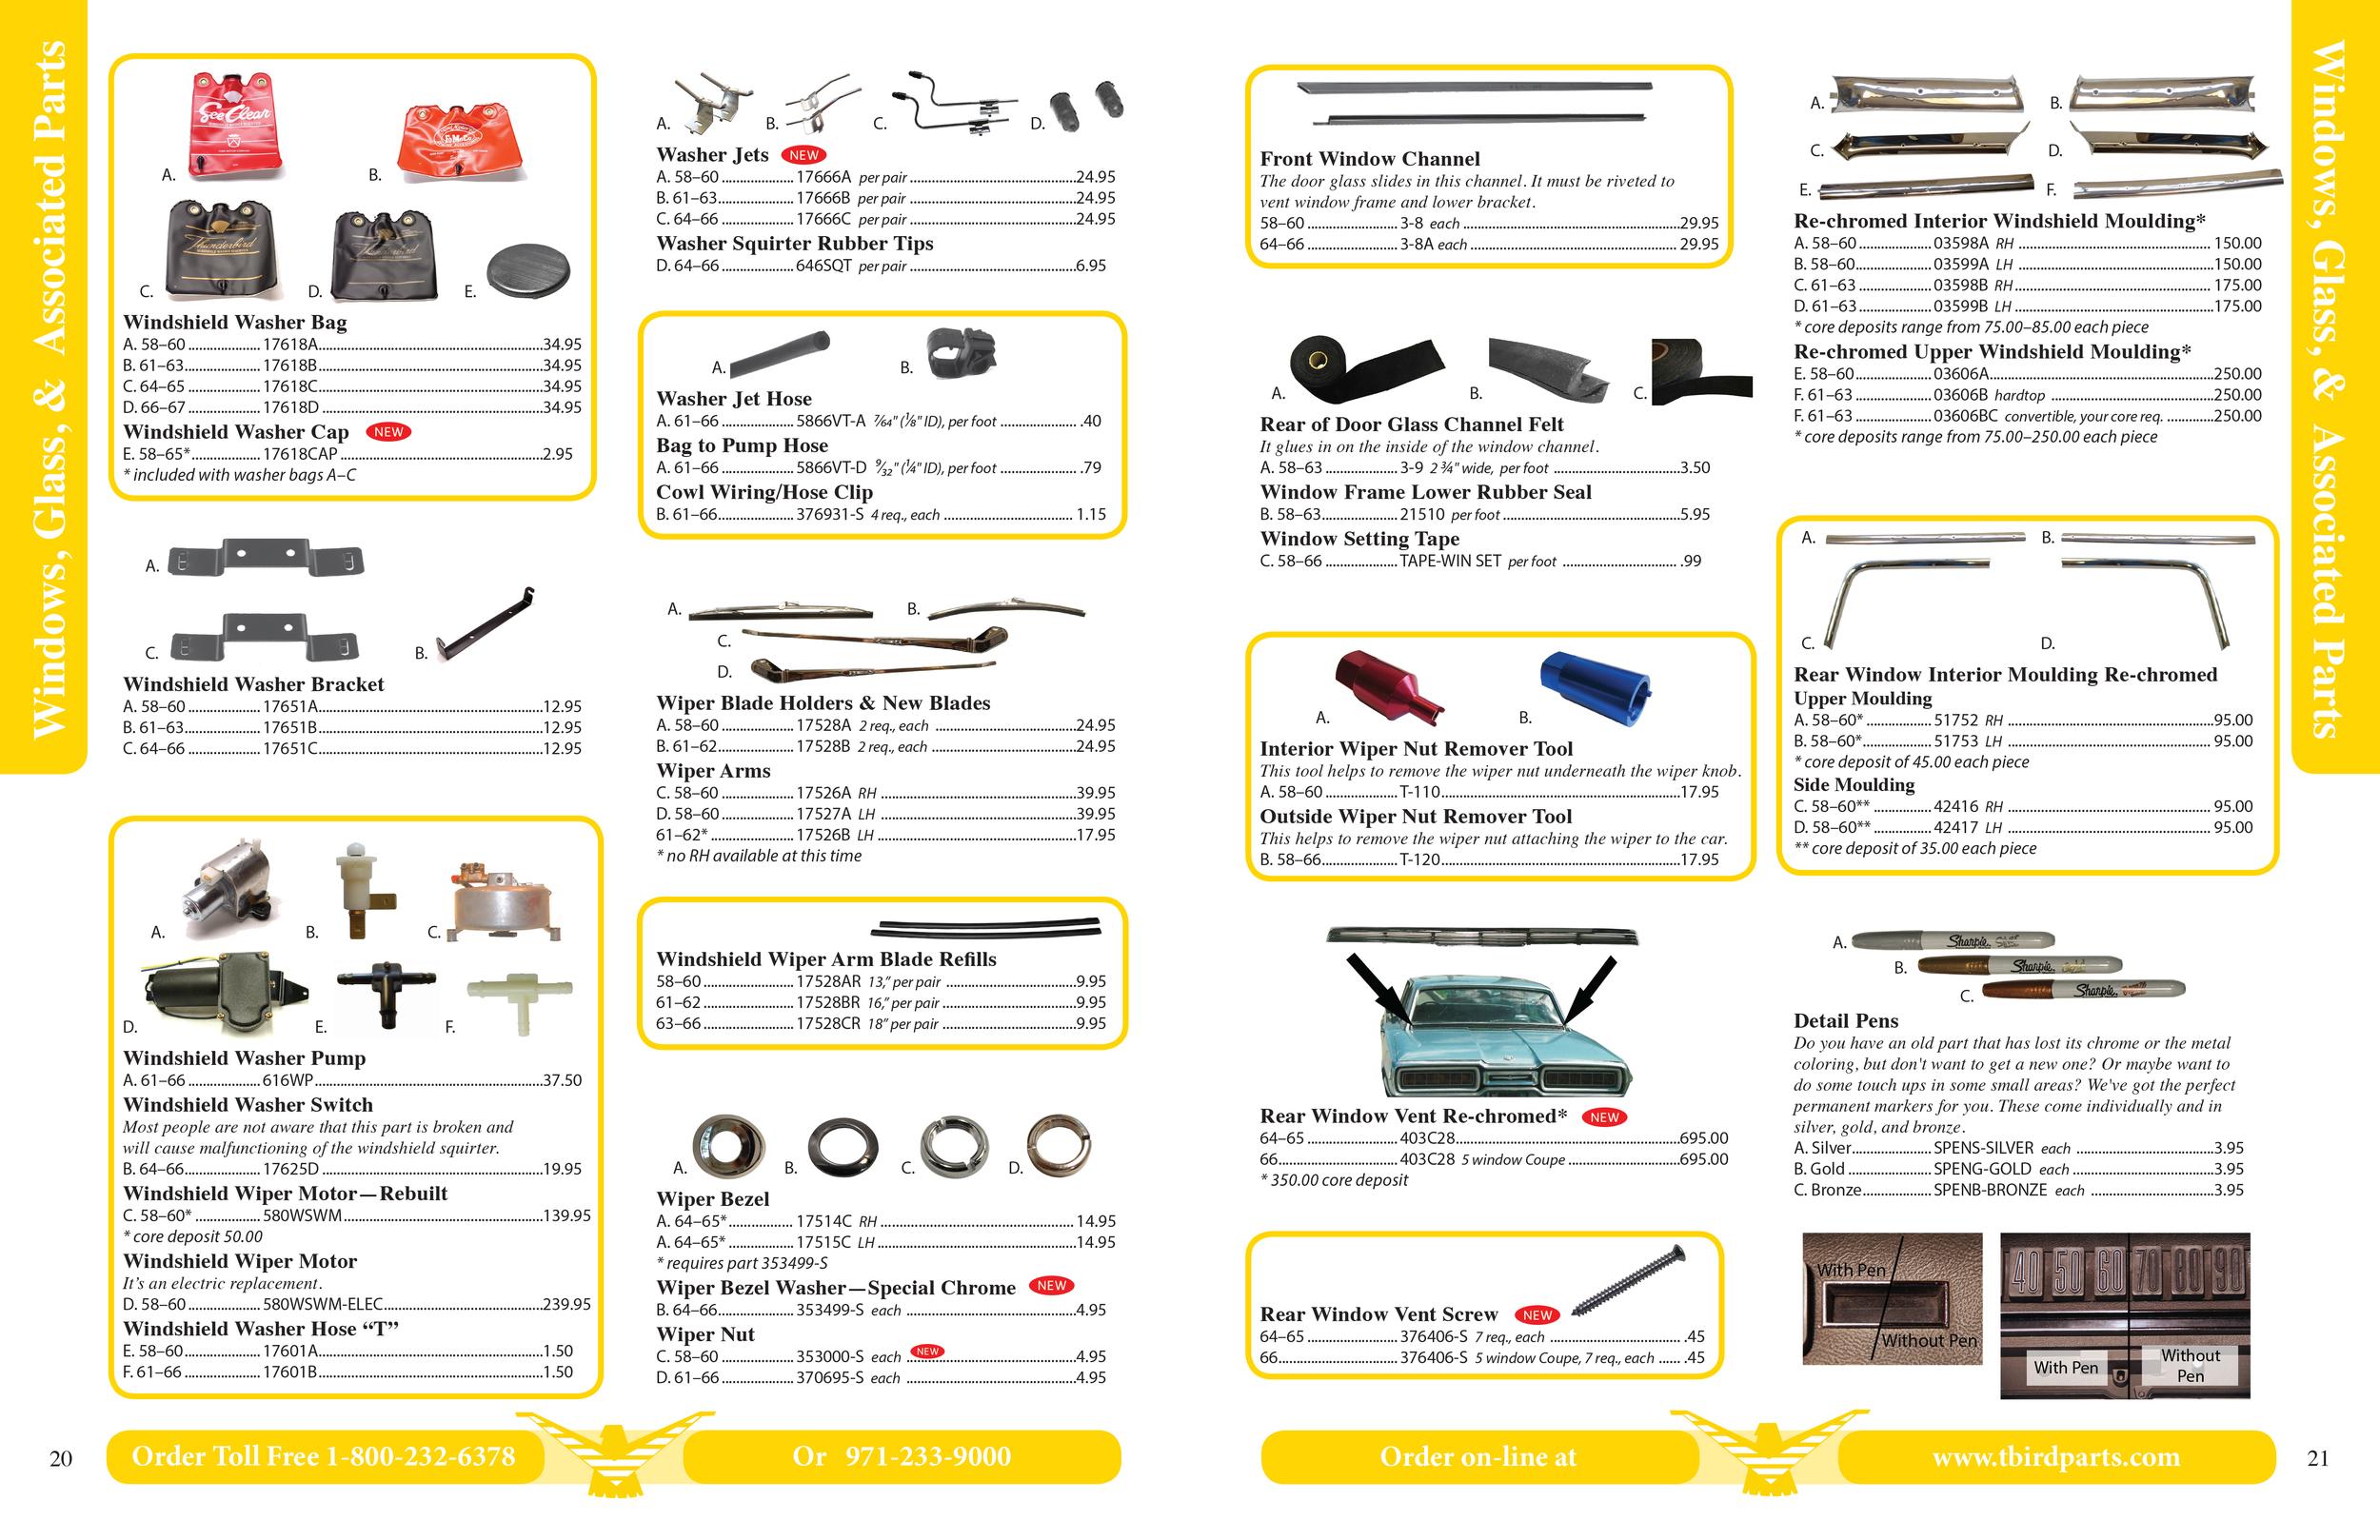 Bird Nest Catalog Inside 10.jpg